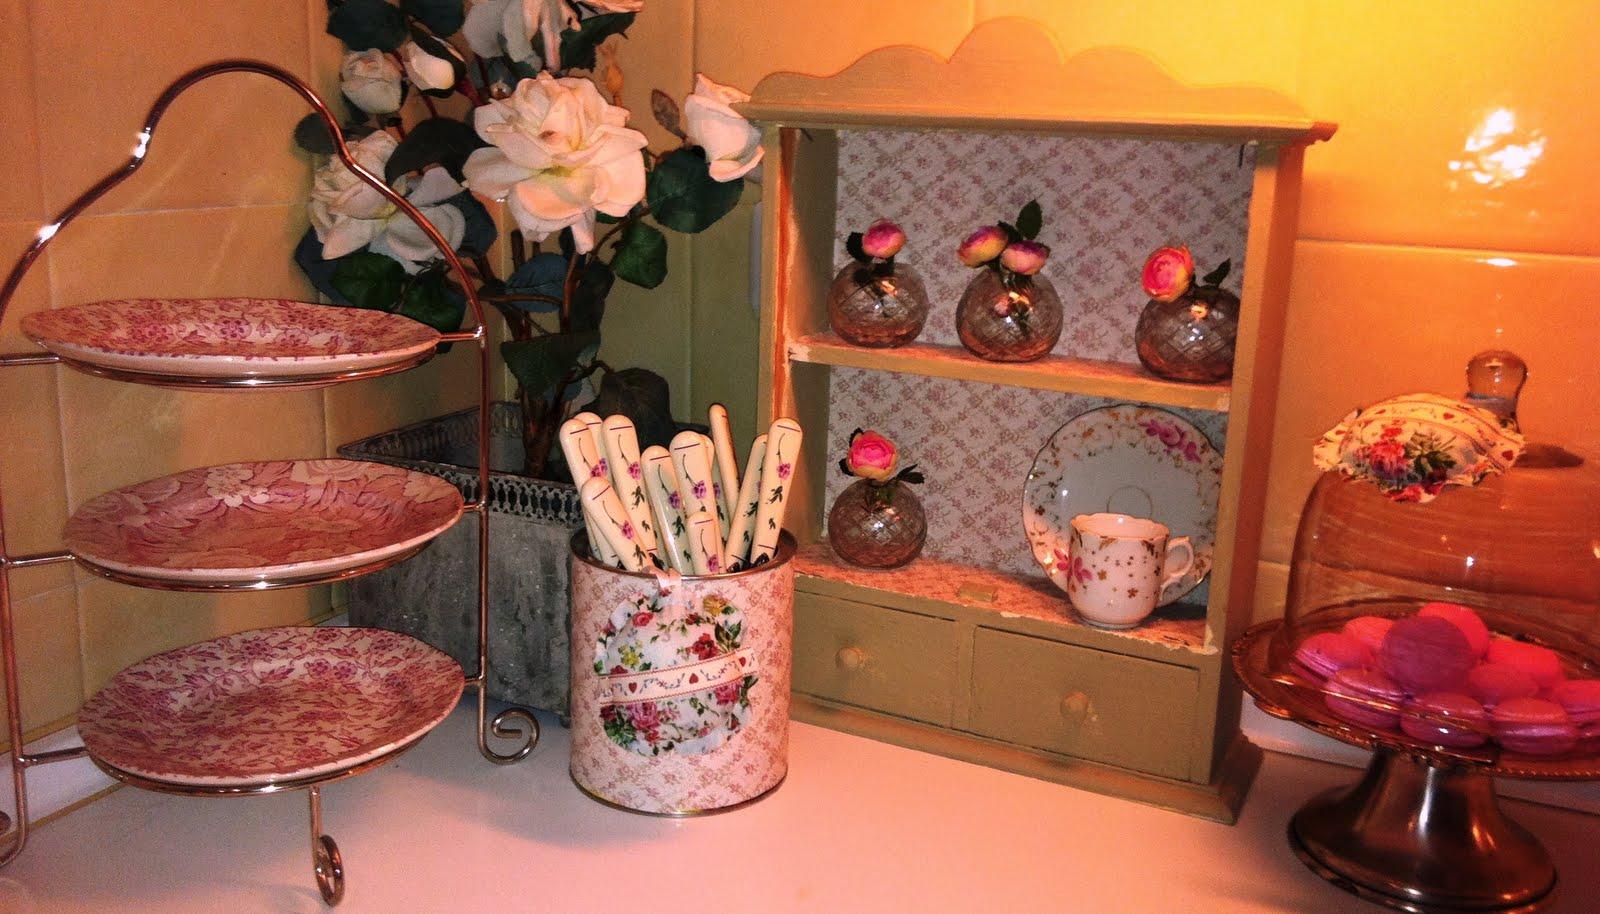 Paloma hiles decoraciones en casa de yayo for Decoraciones d casa